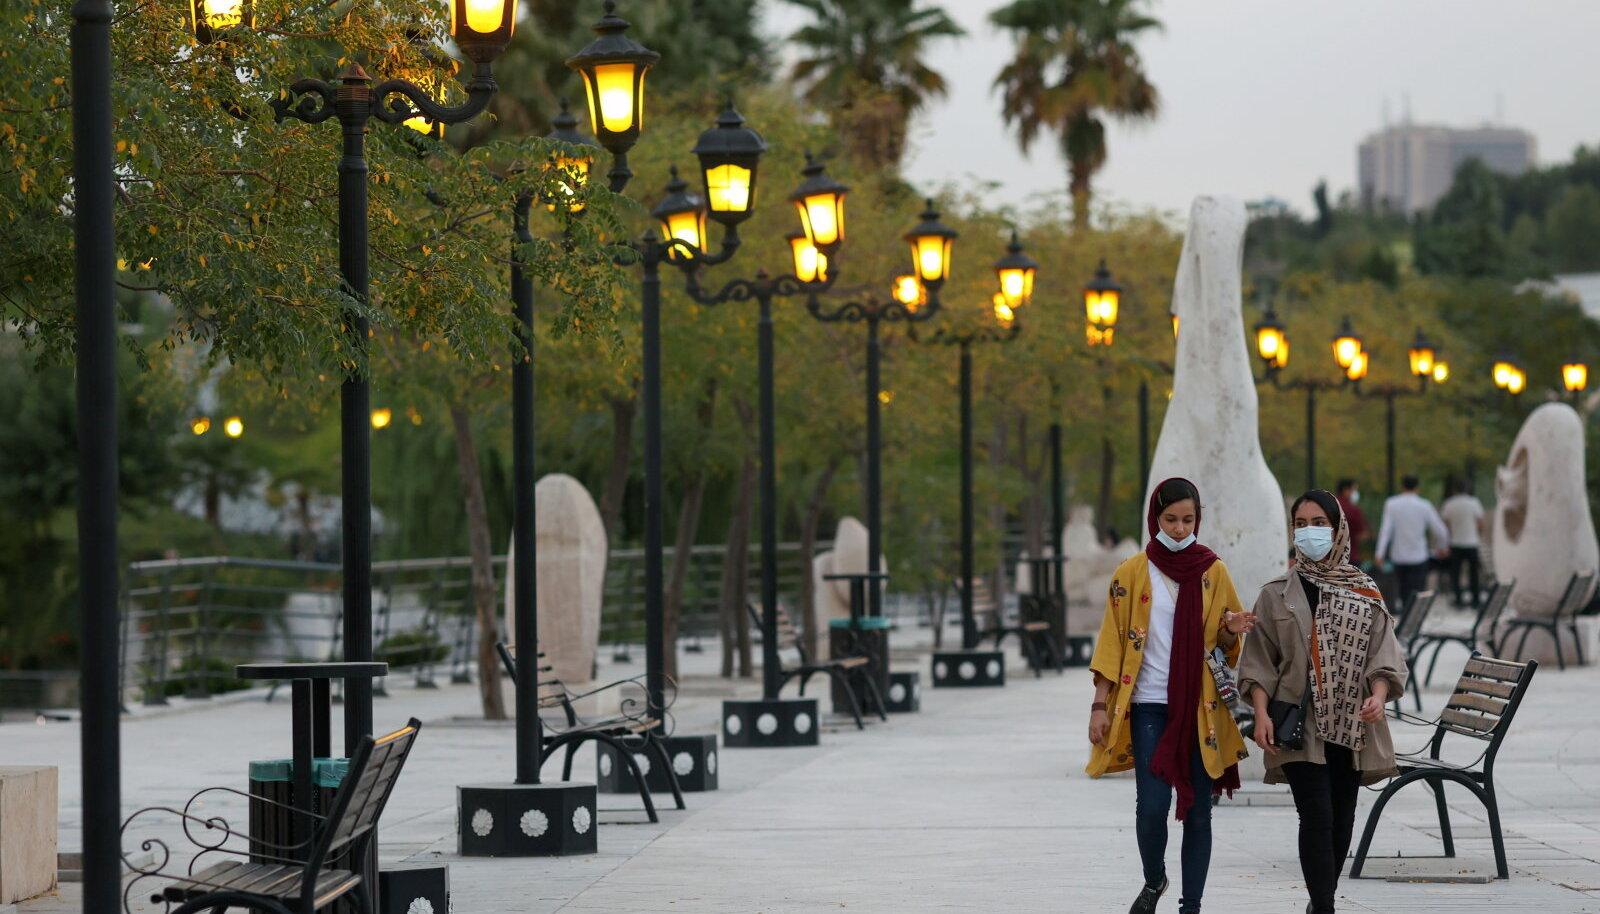 Noored iraanlannad sel nädalal pealinnas Teheranis.